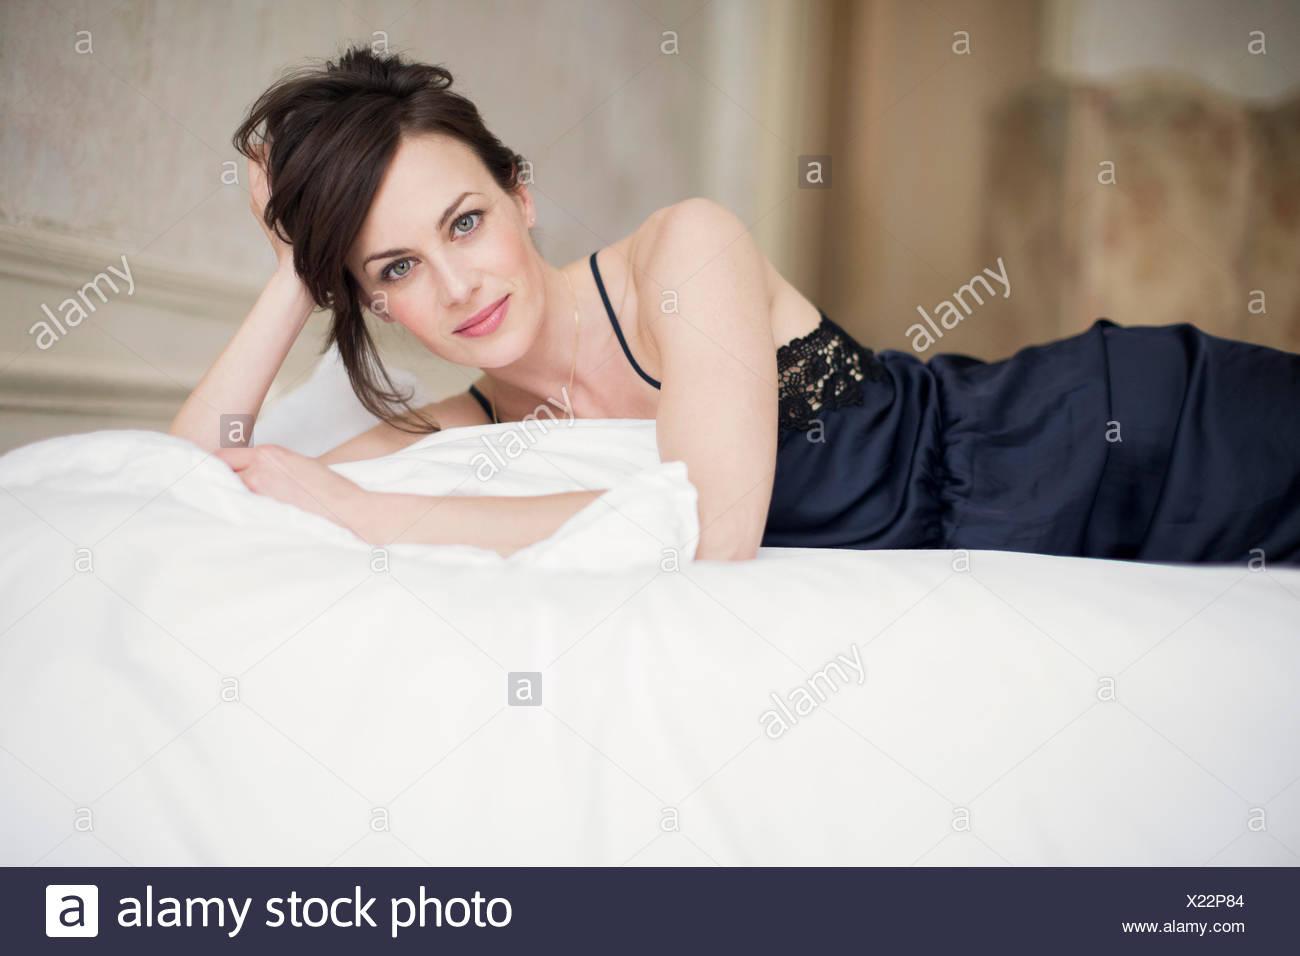 Retrato de una bella mujer acostada en la cama Imagen De Stock